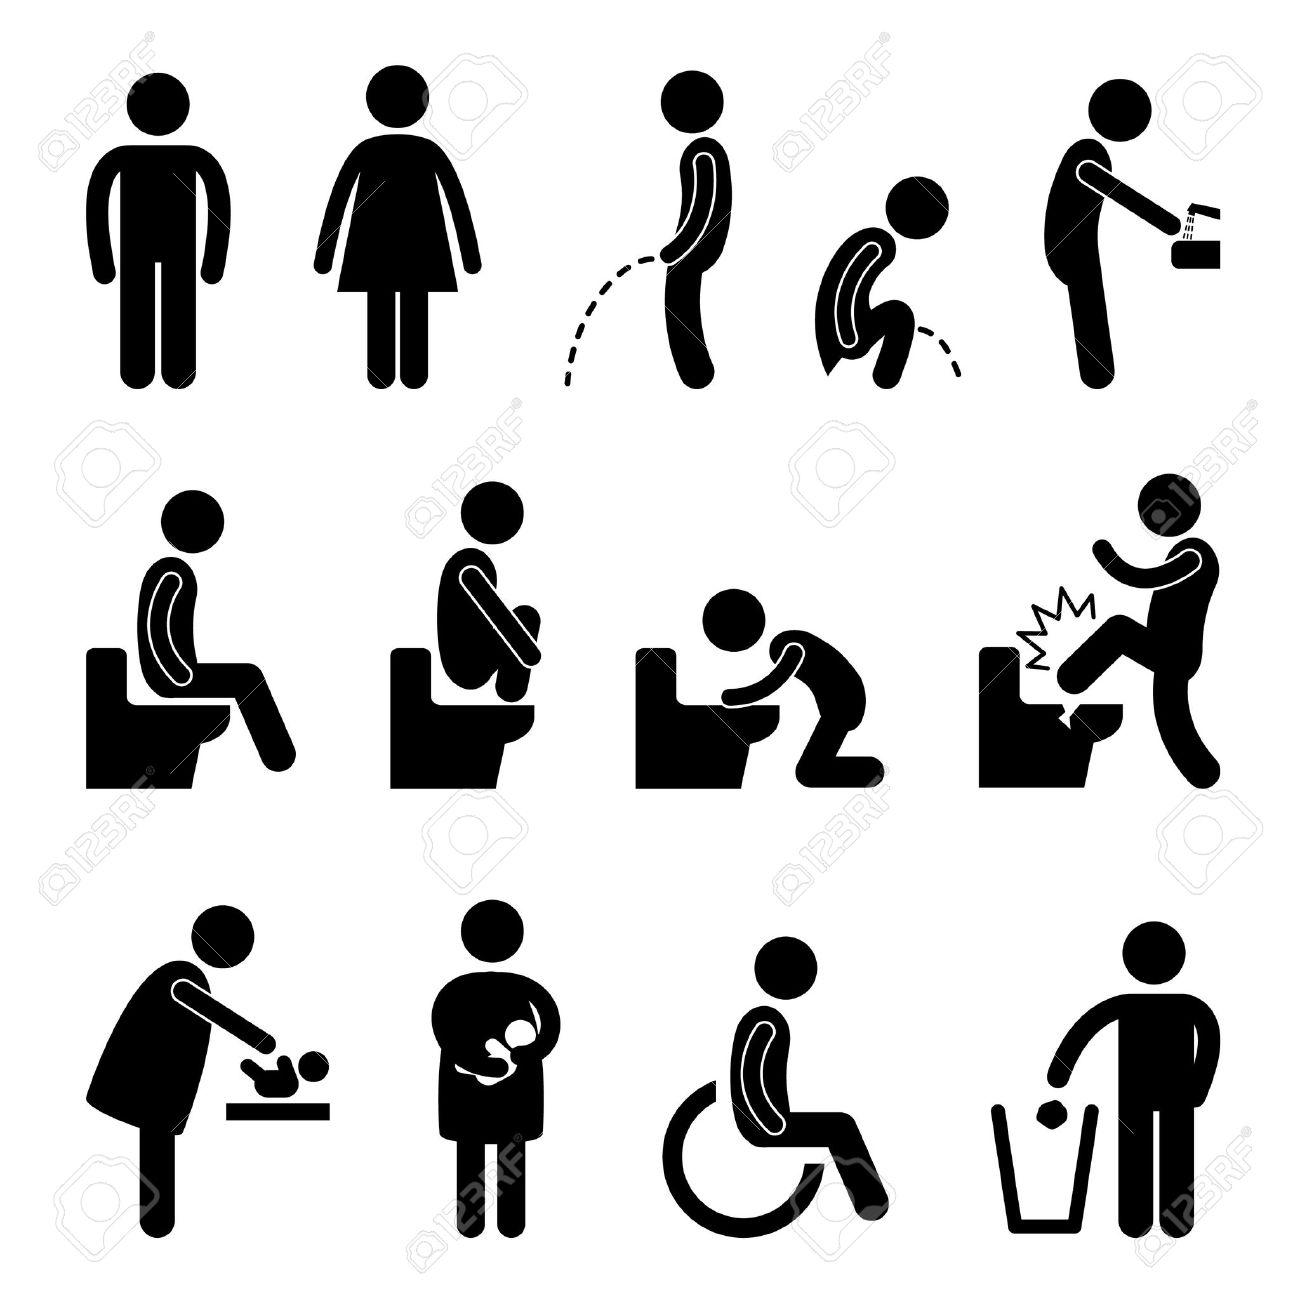 Toilettes salle de bains Homme Femme enceinte Handicap publique Connectez vous Symbole Icône pictogramme